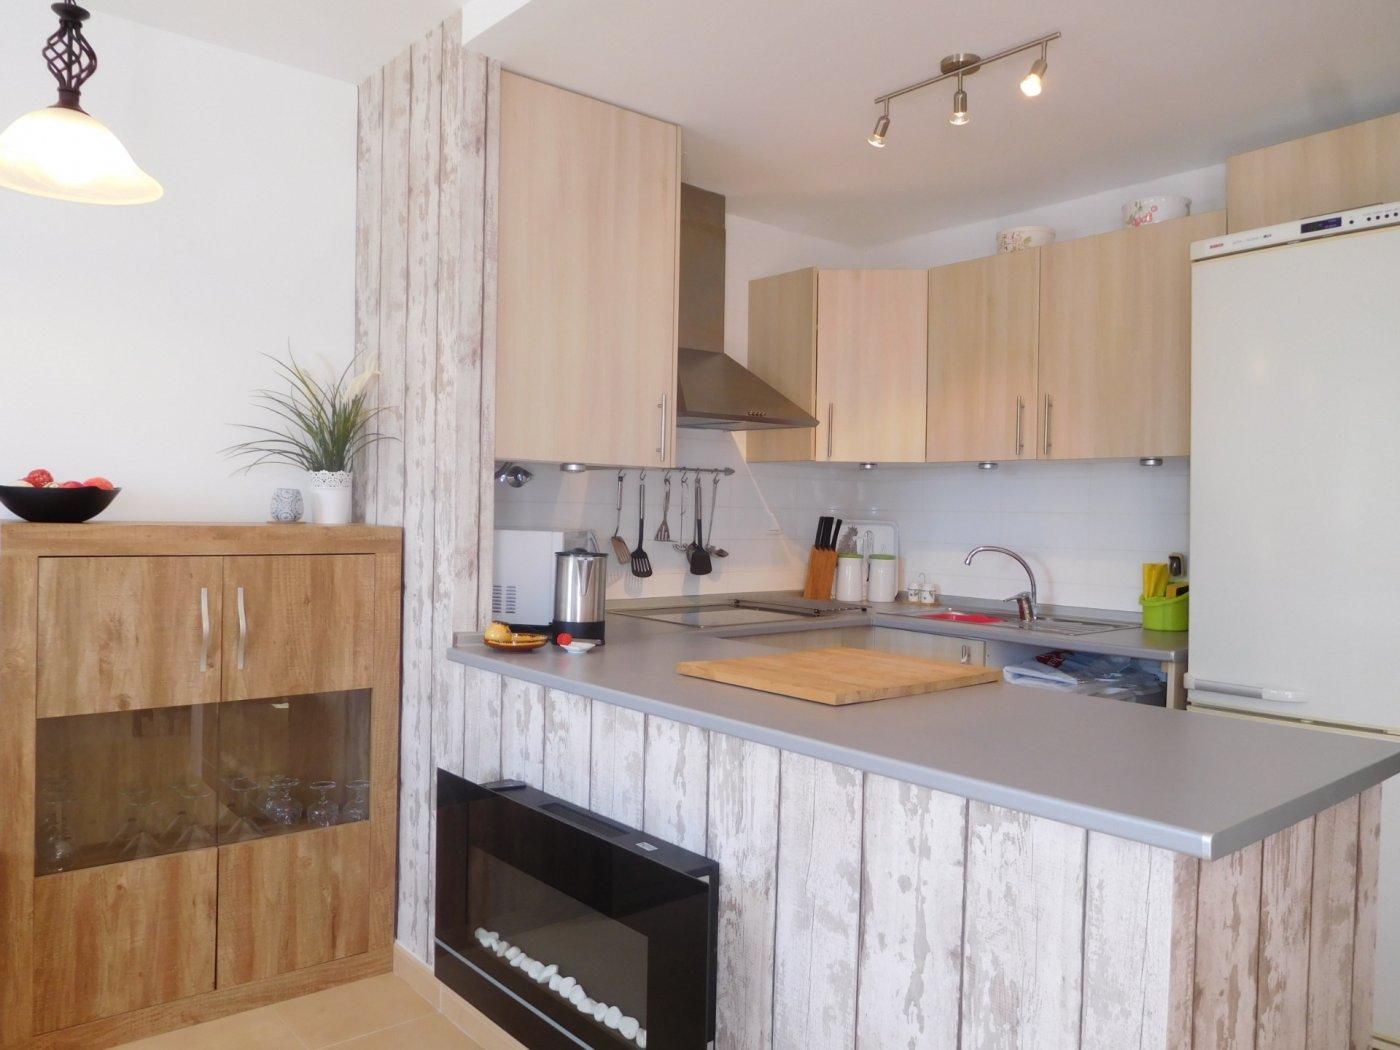 Image 3 Apartment ref 3340 for rent in Condado De Alhama Spain - Quality Homes Costa Cálida